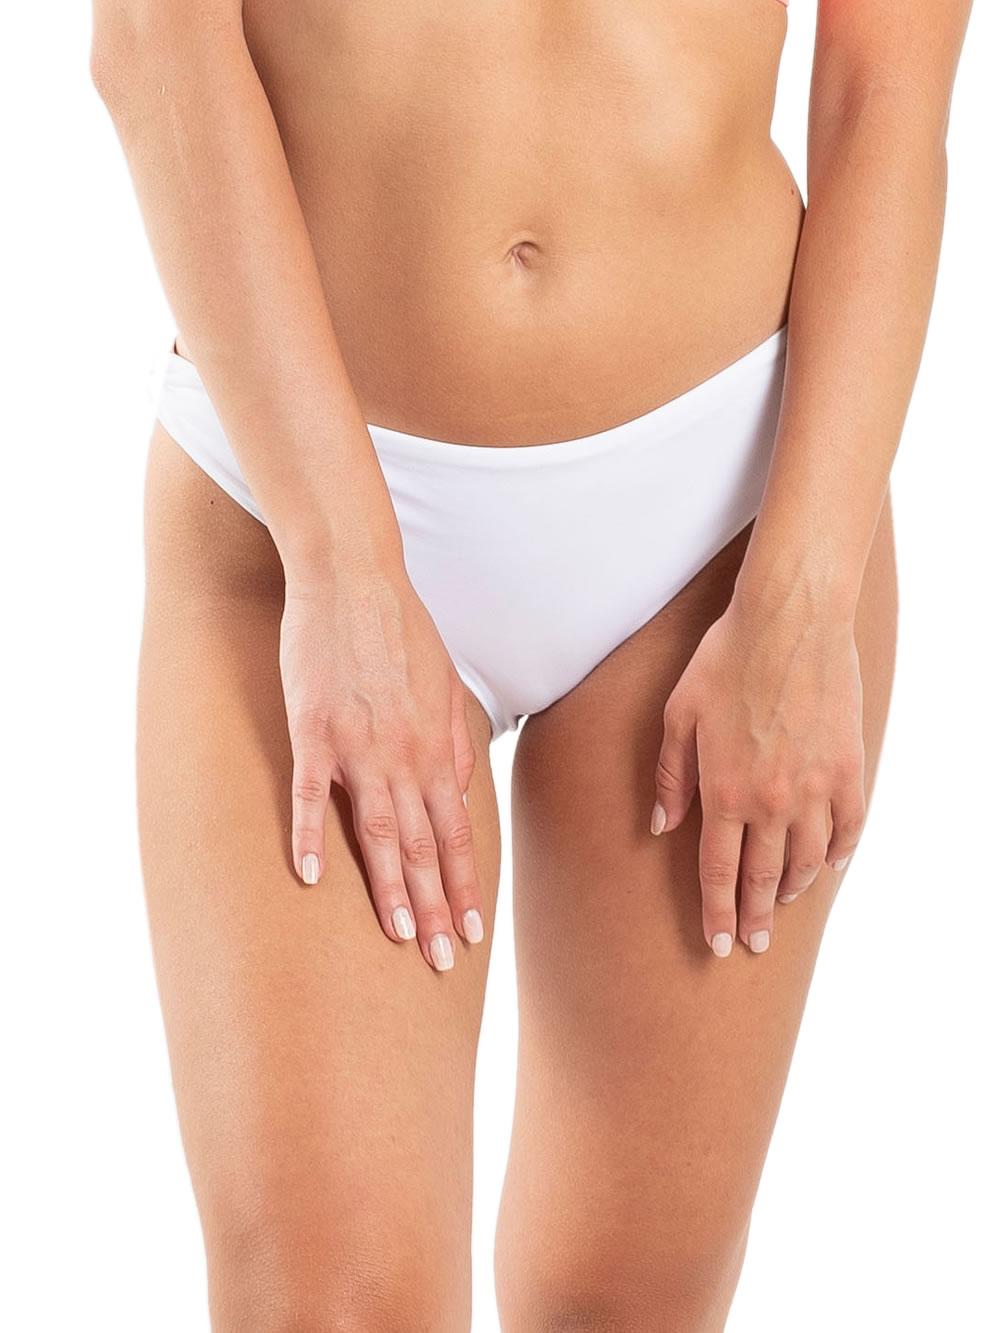 Μαγιό BLUEPOINT Bikini Κανονικό Φαρδύ - Χωρίς Ραφές - Καλοκαίρι 2021 Λευκό